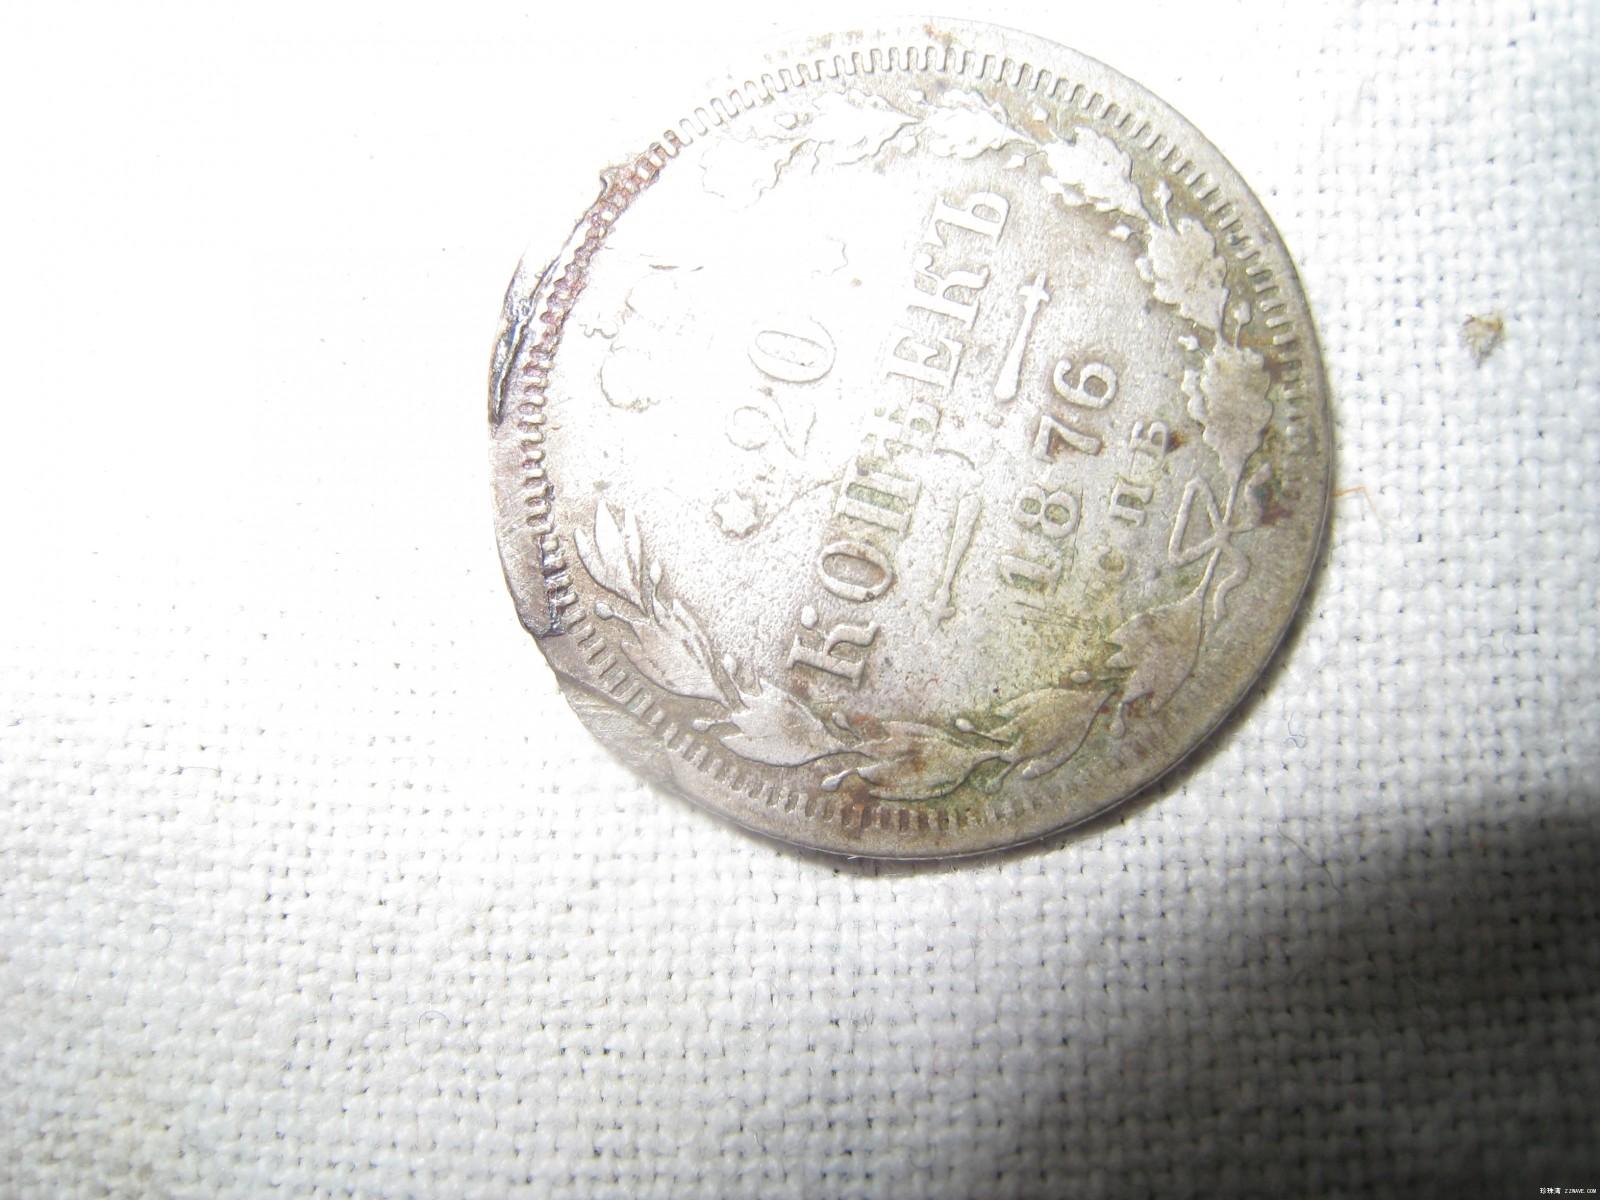 俄罗斯百年旧纸币及硬币 - lliiang1017 - 燕山红场的博客